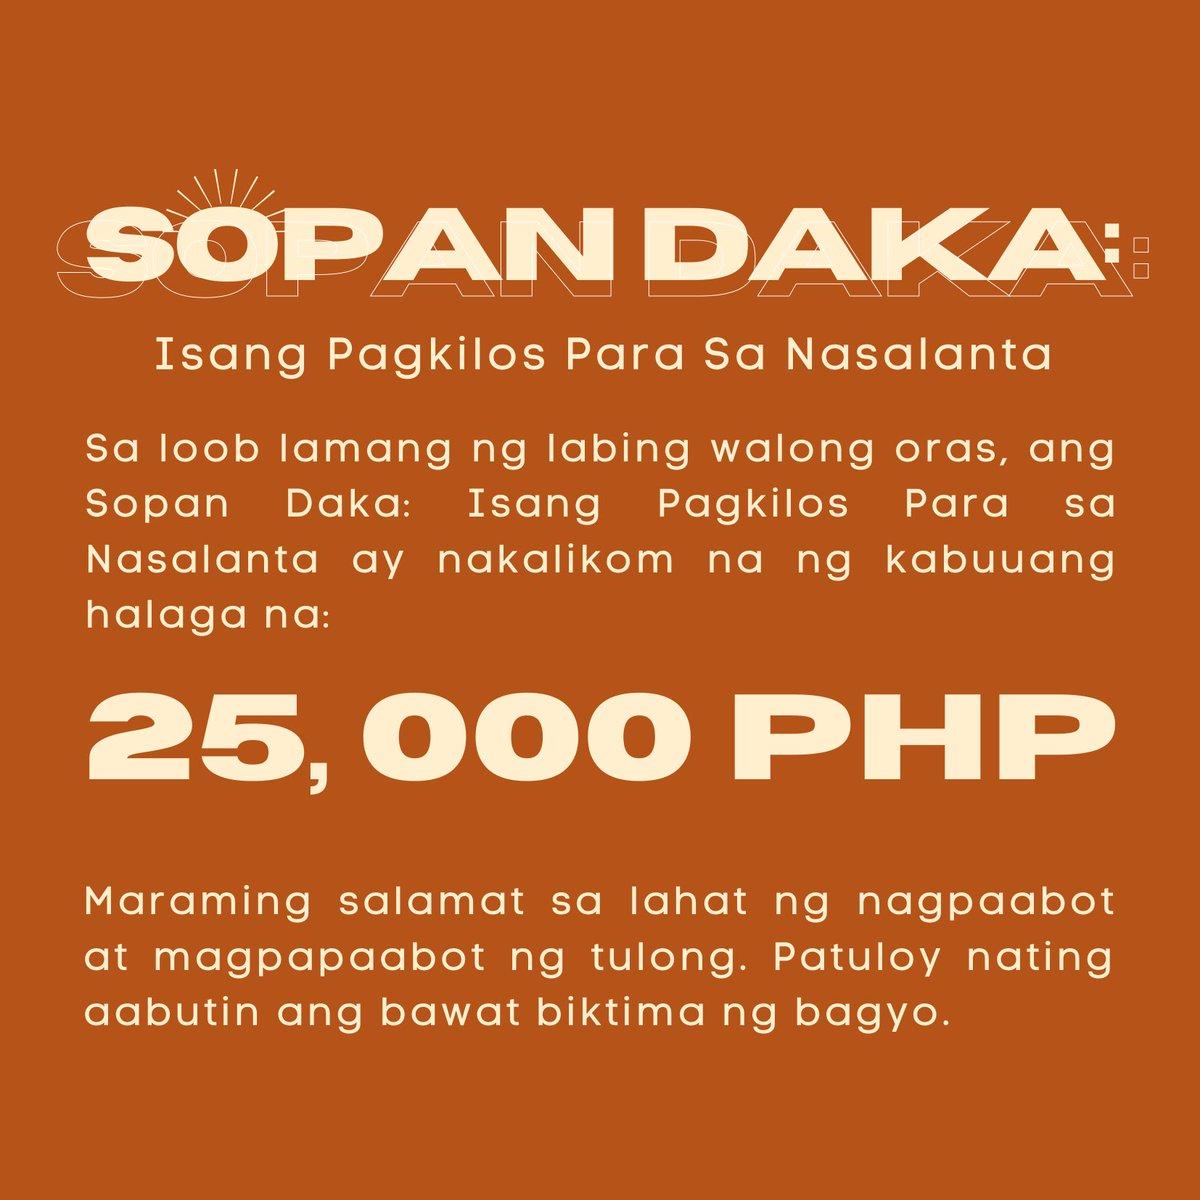 Another update po, nakaka 25K na po tayo!!!   Thank you so much sa lahat po ng nagdonate and continuously na nagsspread!!! 🥺🤍